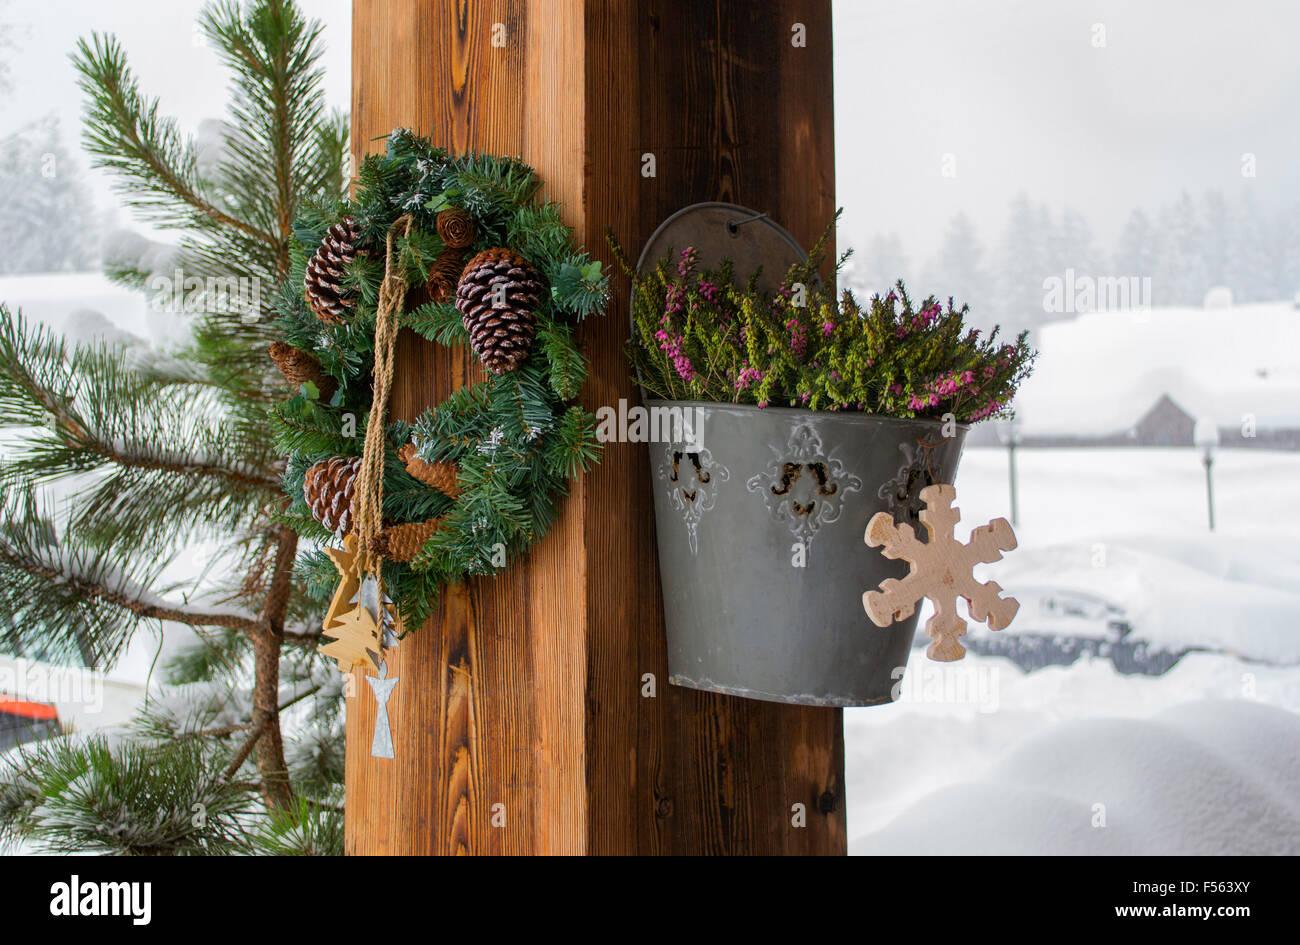 La Casa Rural Con Las Decoraciones De Navidad En Una Columna